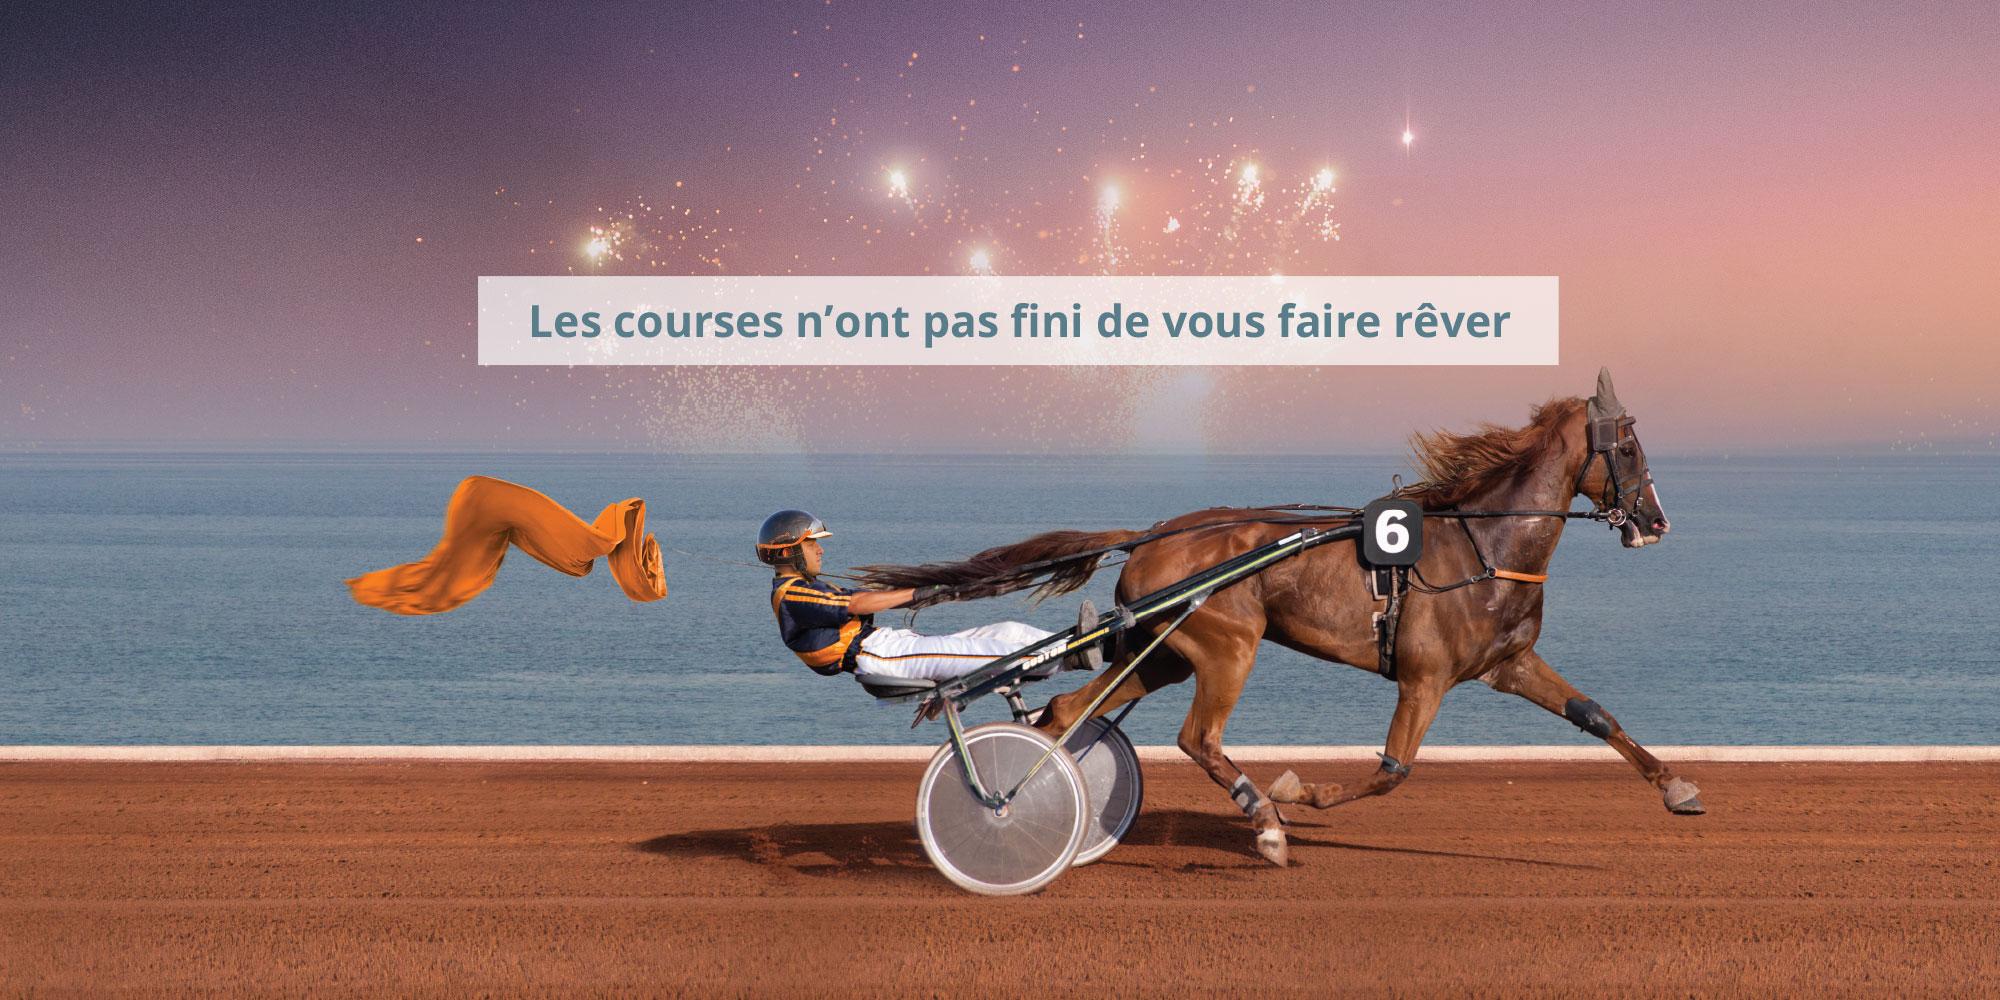 Hippodrome Cagnes Sur Mer Calendrier 2021 Hippodrome de la Côte d'Azur | Les courses n'ont pas fini de vous